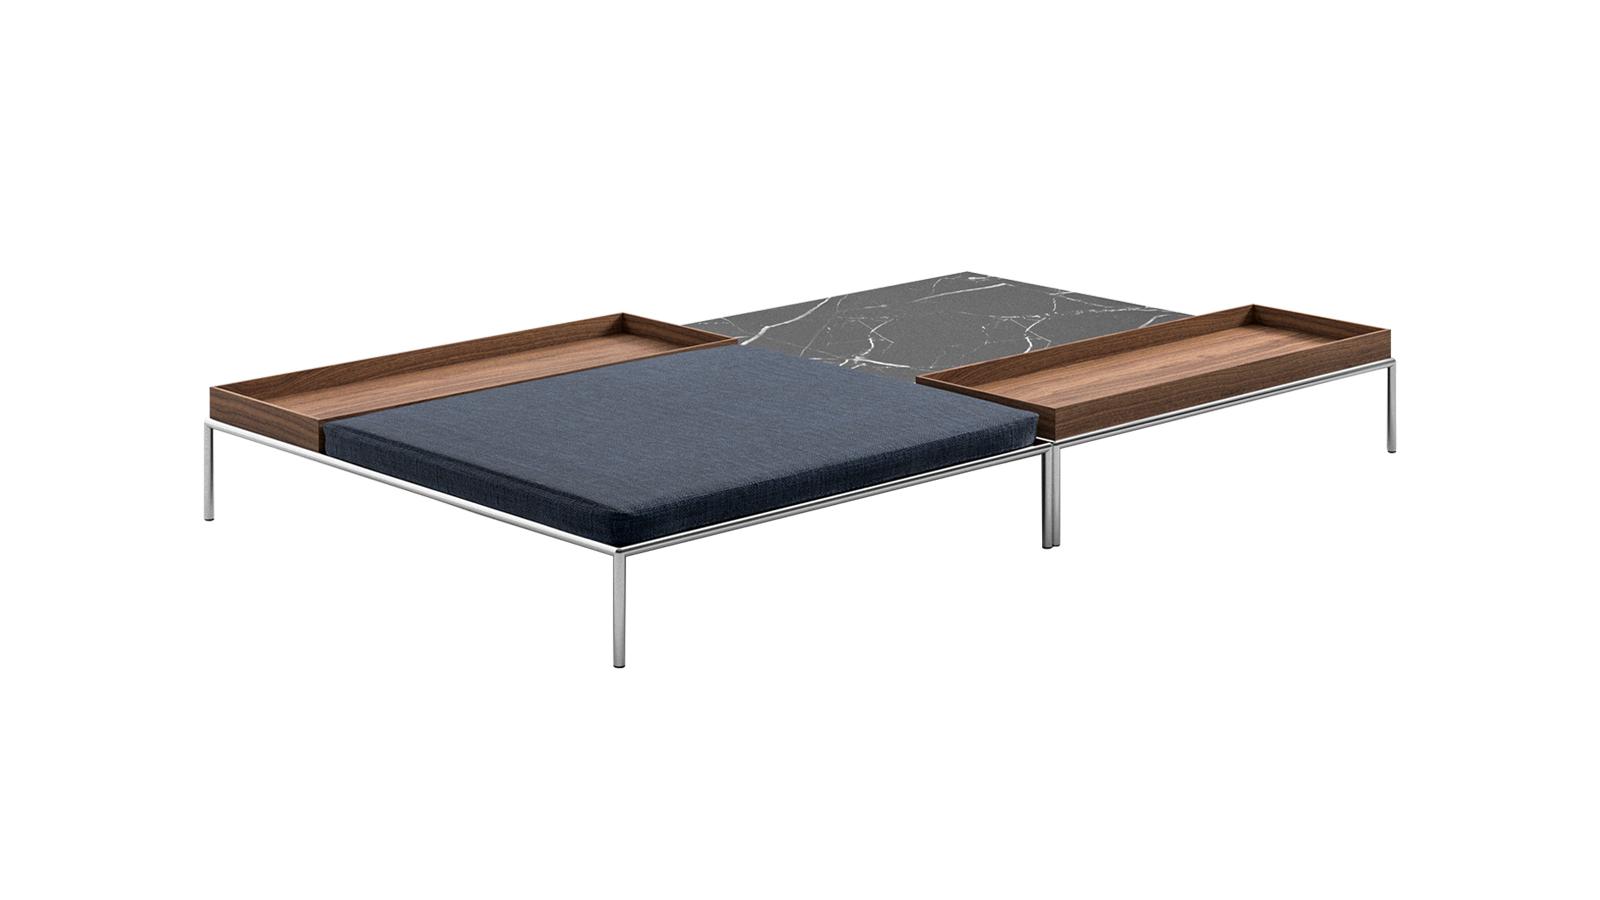 A Mex-Hi ülőgarnitúrához passzoló márvány asztalsorozat kivételes innováció: a dohányzóasztalhoz egy hozzá tökéletesen passzoló puff is társítható, a szervírozást pedig az asztalra szabott fatálcák könnyítik meg. Az asztalok nagyobb egységgé is összerendezhetők, ám önmagukban is betöltik funkciójukat.